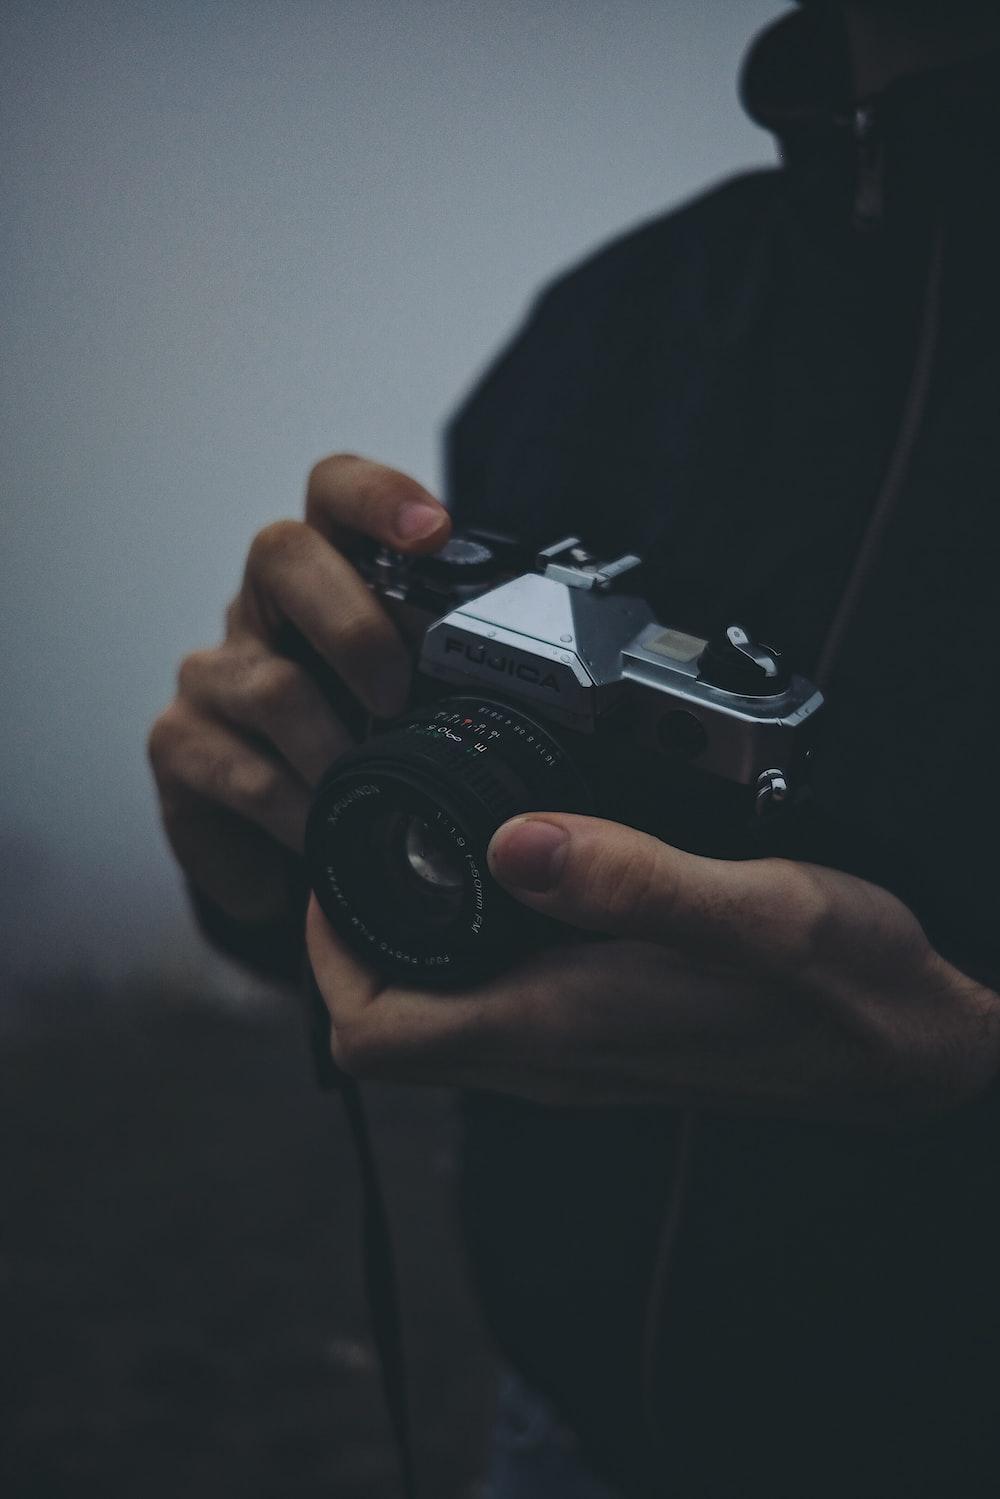 person holding black Fujica camera